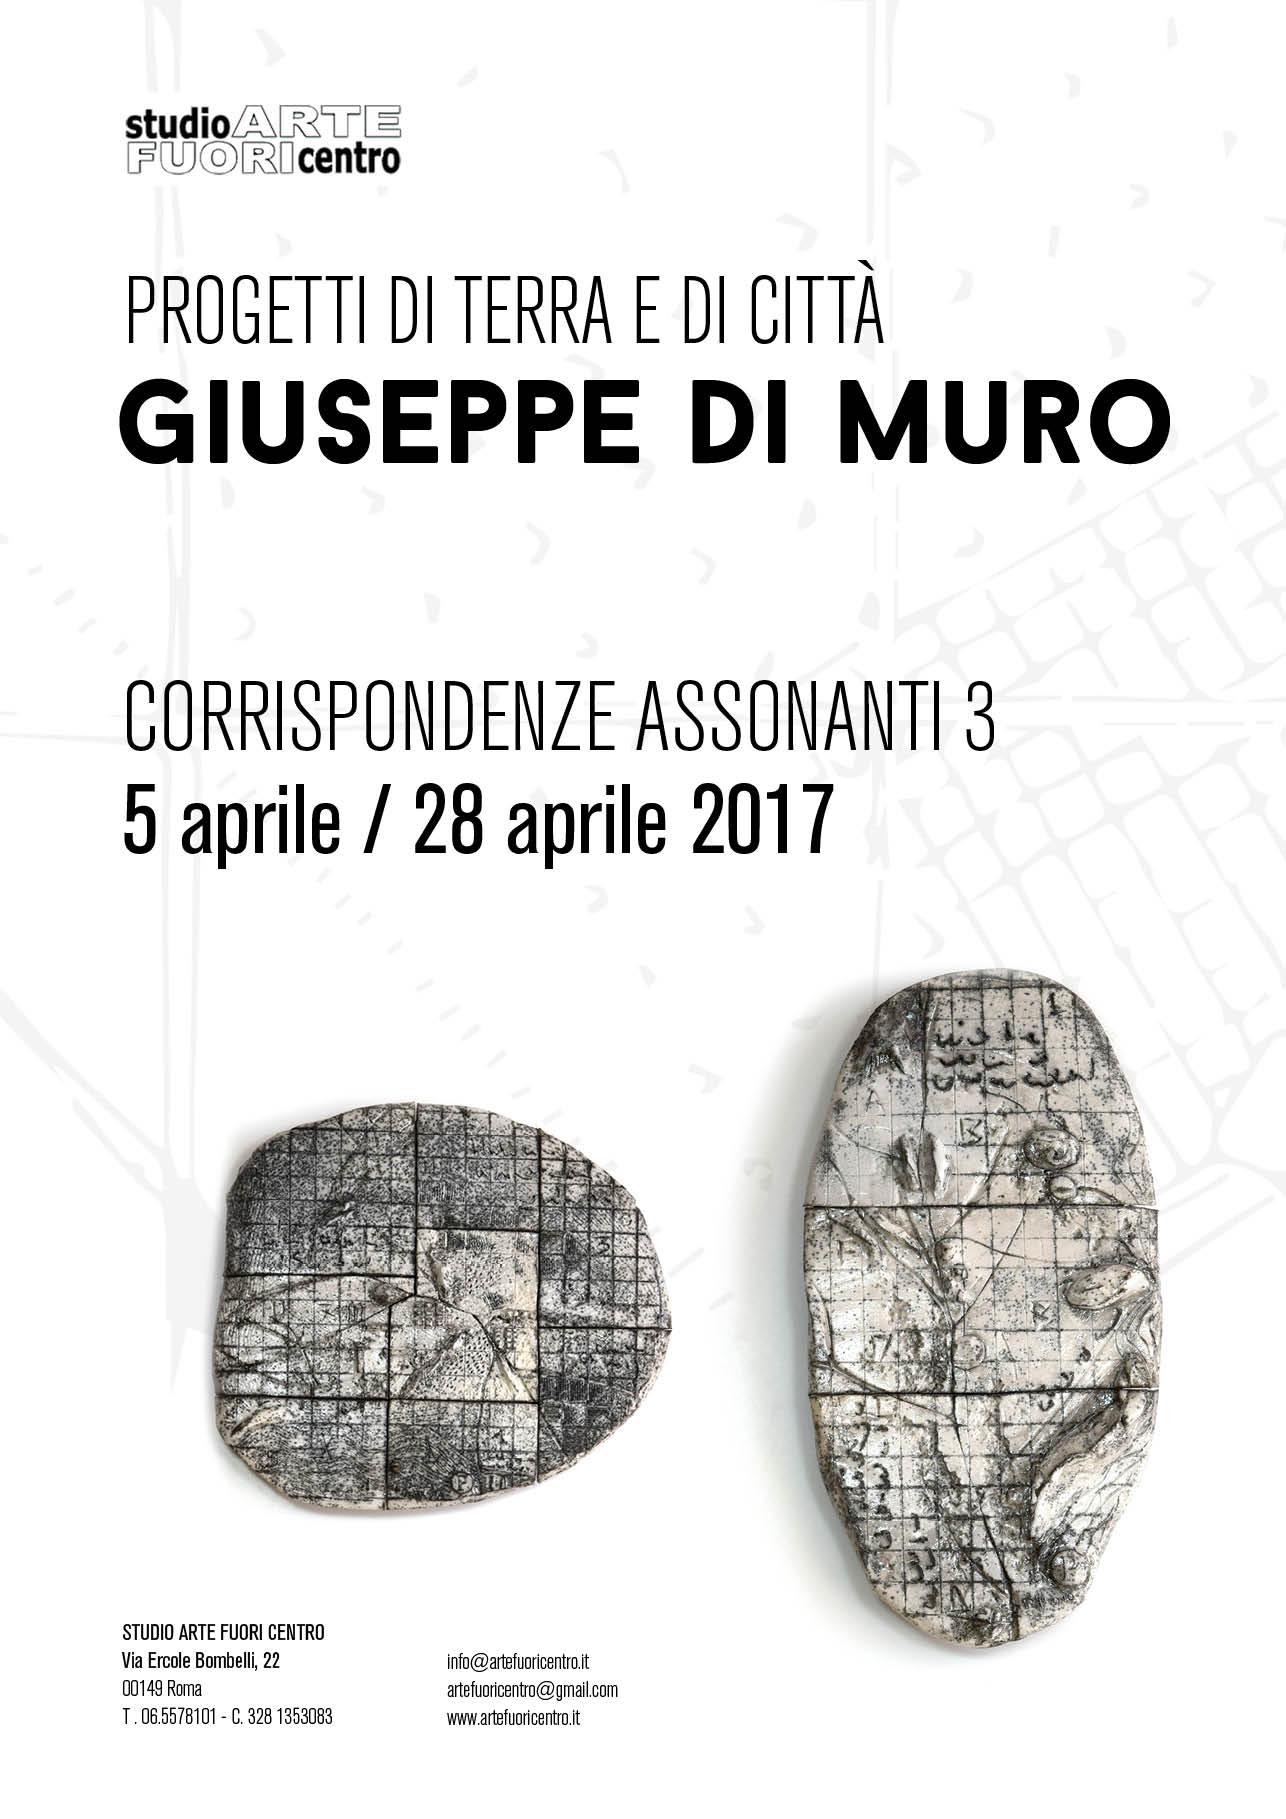 M2492 Giuseppe di Muro locandina 2017_DEF